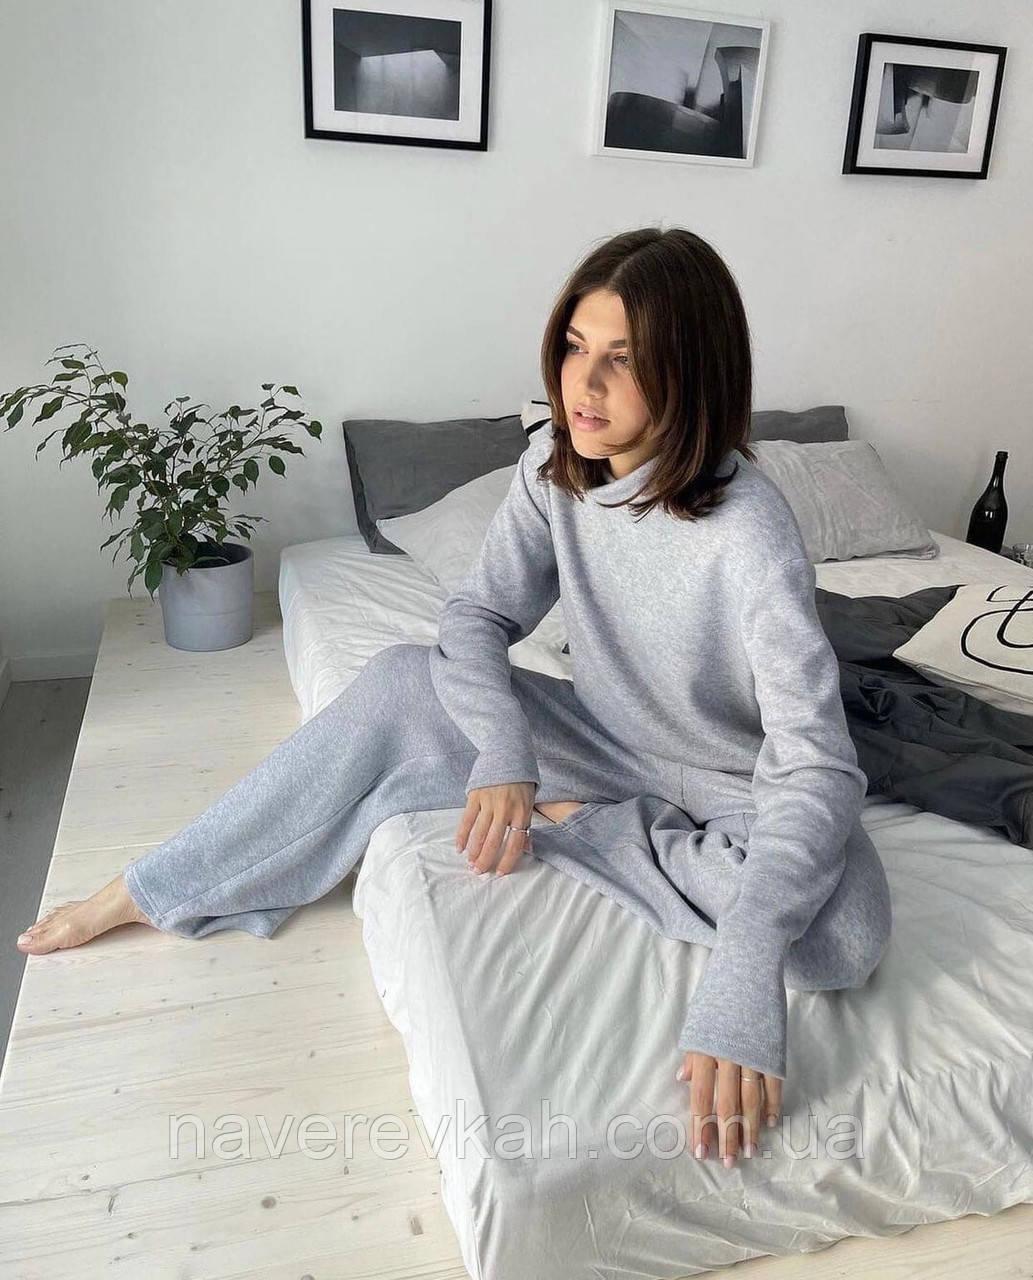 Жіночий ангоровый костюм під горло з брюками палаццо бежевий сірий світлий зимовий 42-44 46-48 теплий